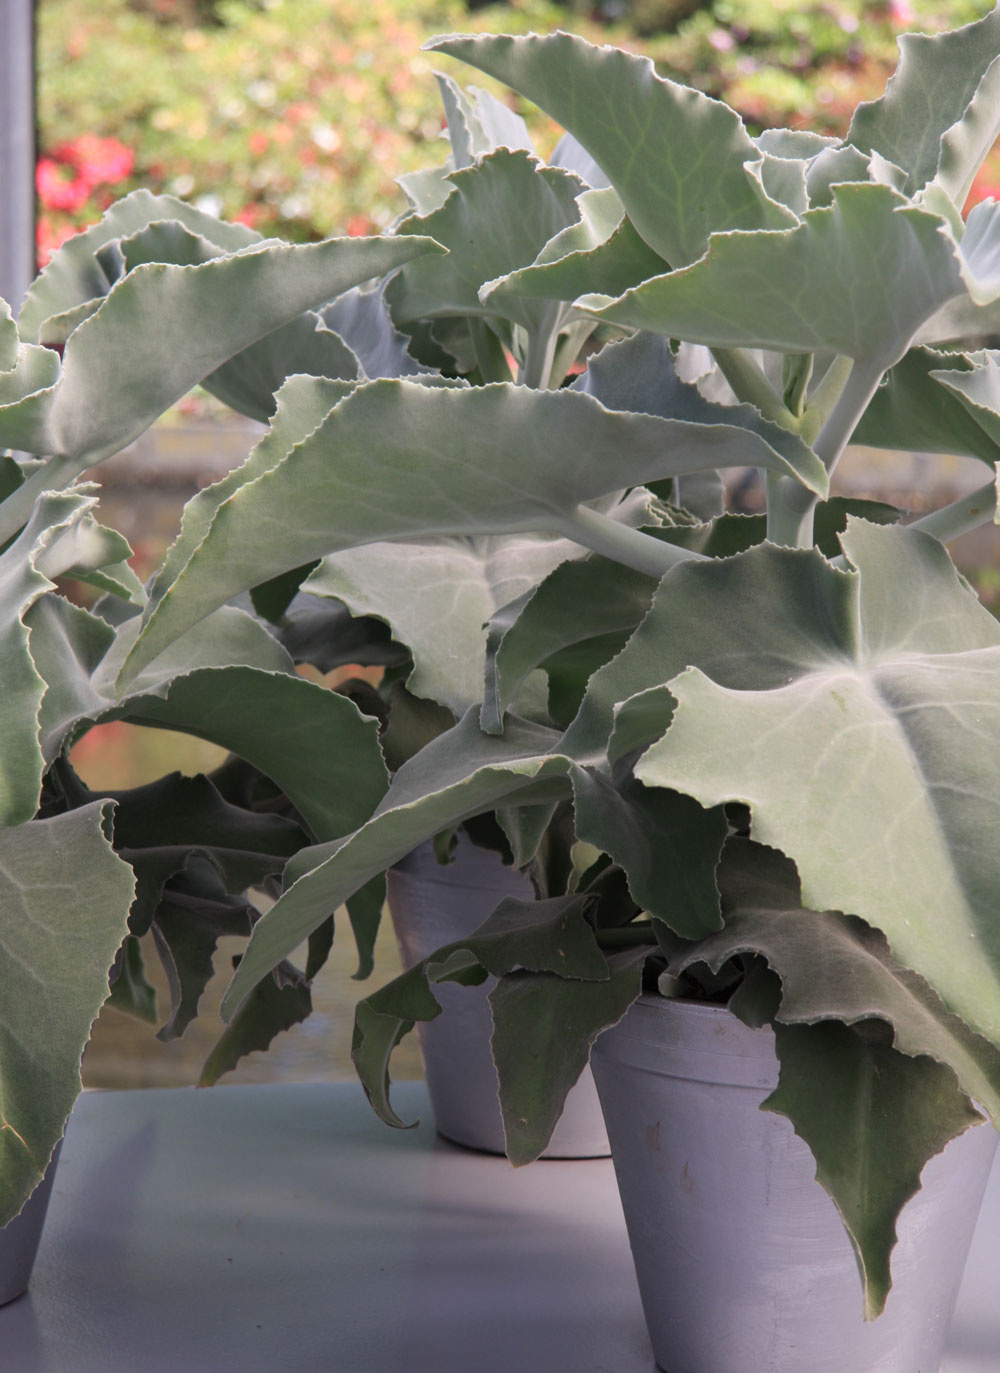 Mnohé sukulenty, ako napríklad toto kalanchoe, sa môžu popýšiť nádhernými striebristými listami. Nejde opestovateľsky náročné rastliny aich prednosťou je, že znesú aj suchší vzduch. Potrebujú dostatok svetla aobmedzenú zálievku.